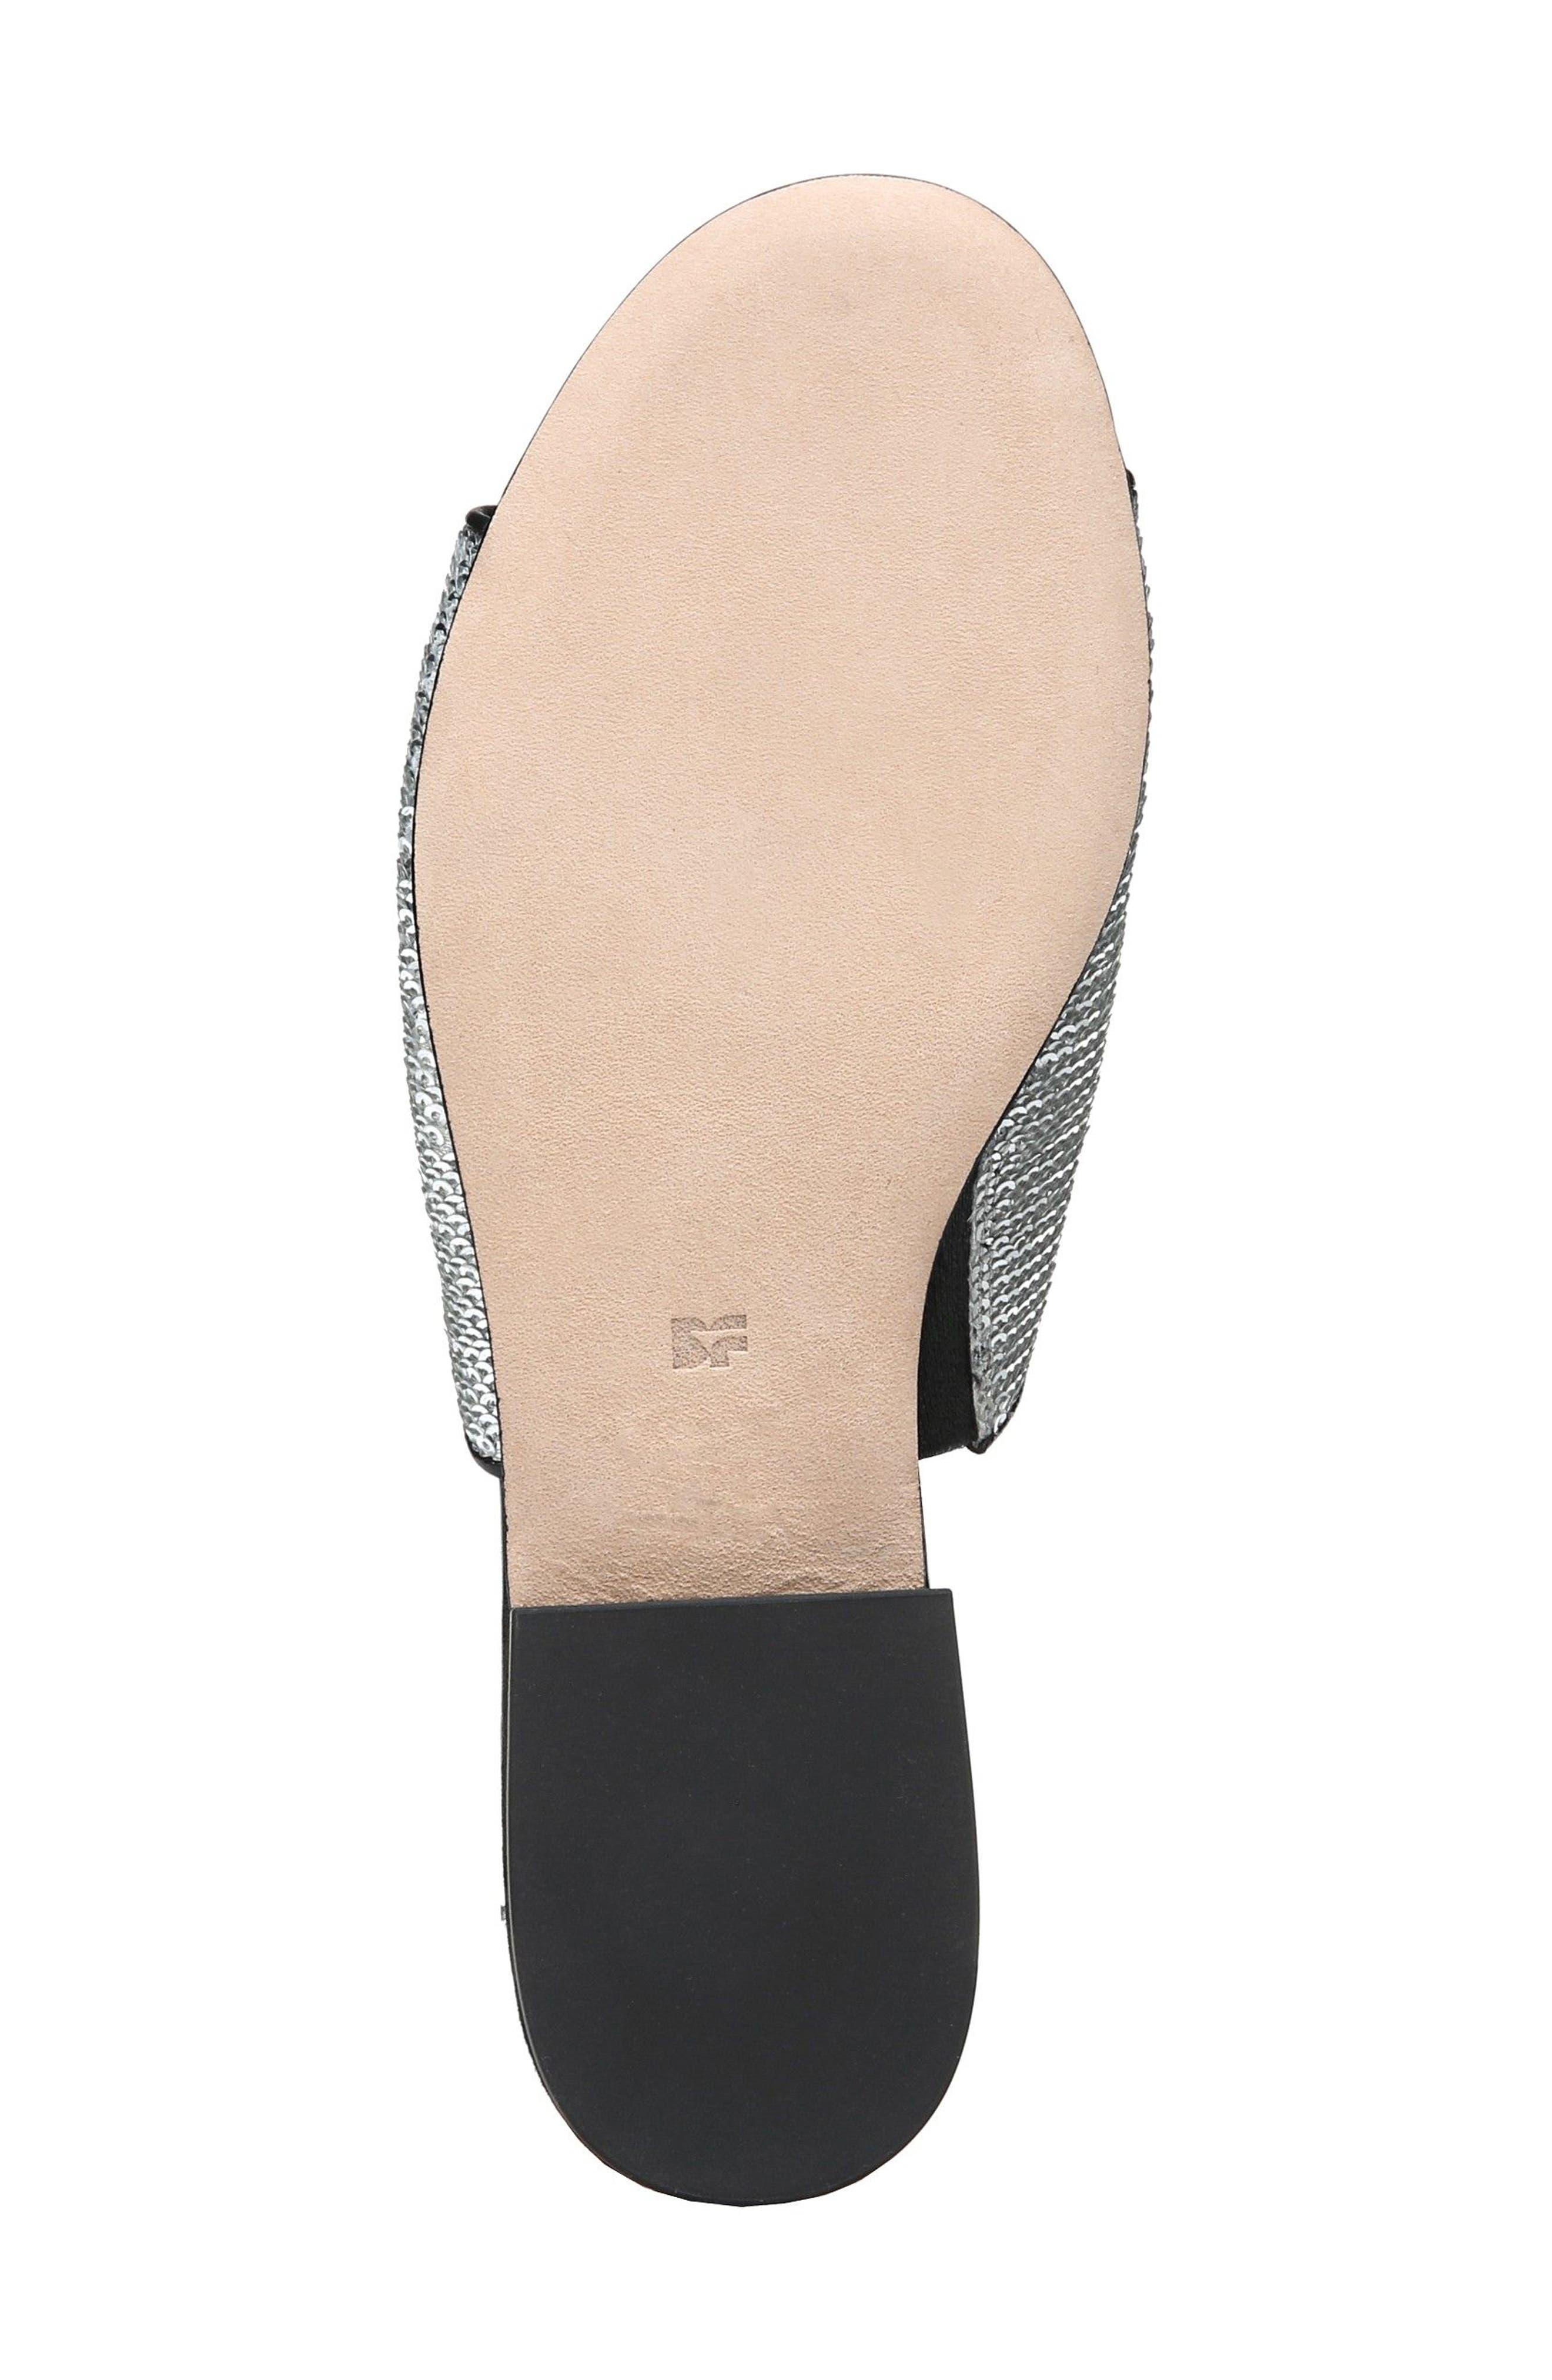 Samassi 1 Slide Sandal,                             Alternate thumbnail 6, color,                             Silver Sequins